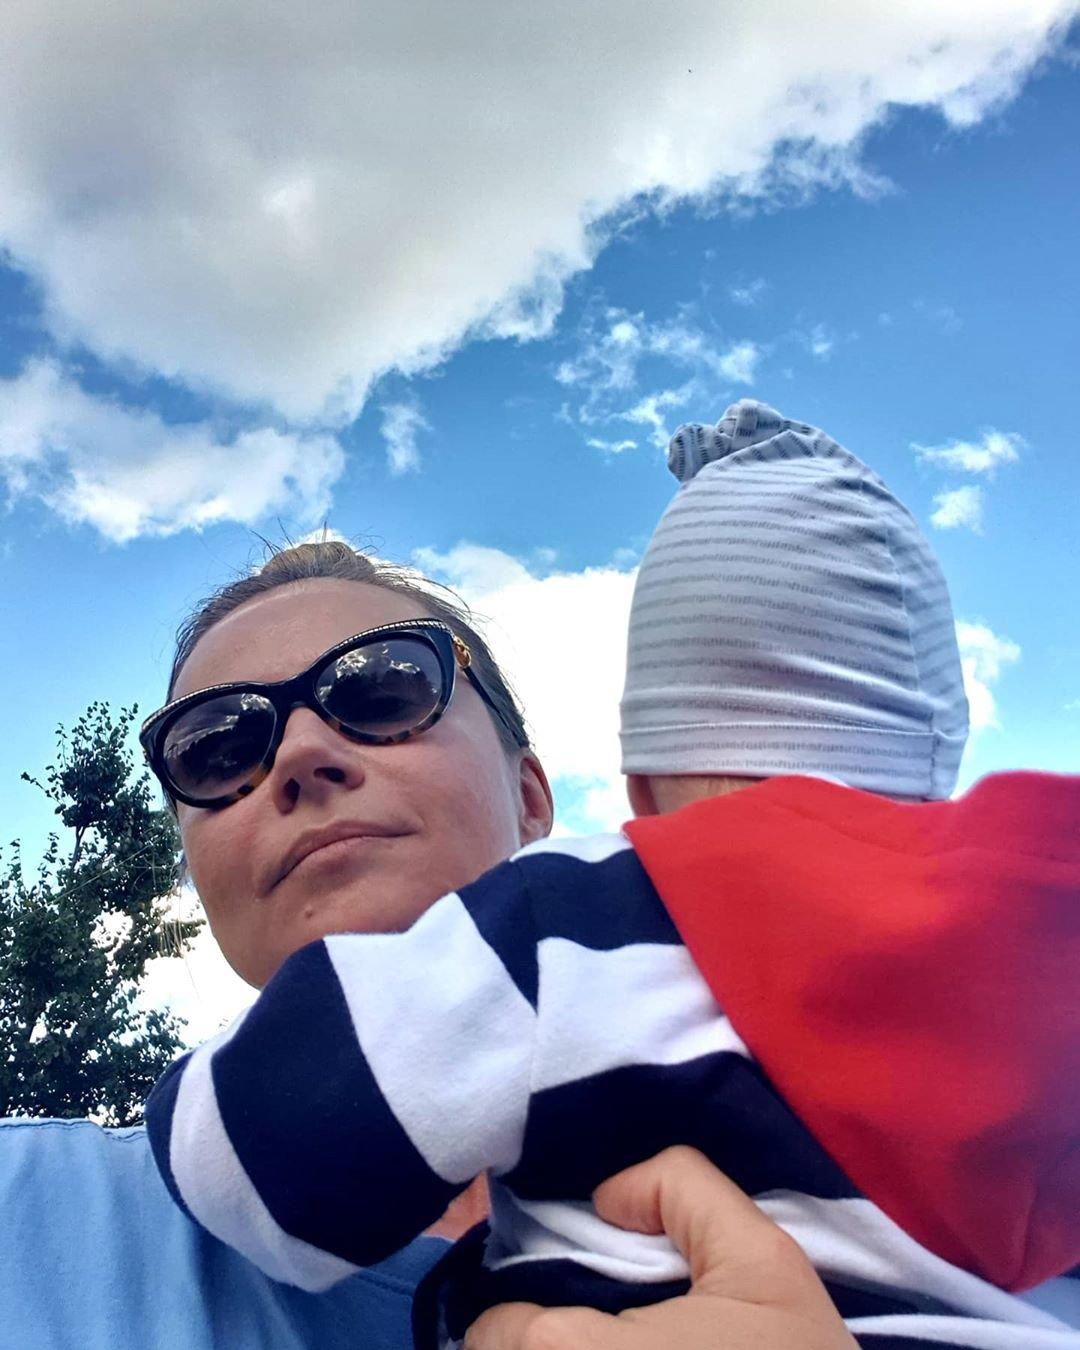 Актриса Мария Миронова вышла на прогулку с 10-месячным сыном